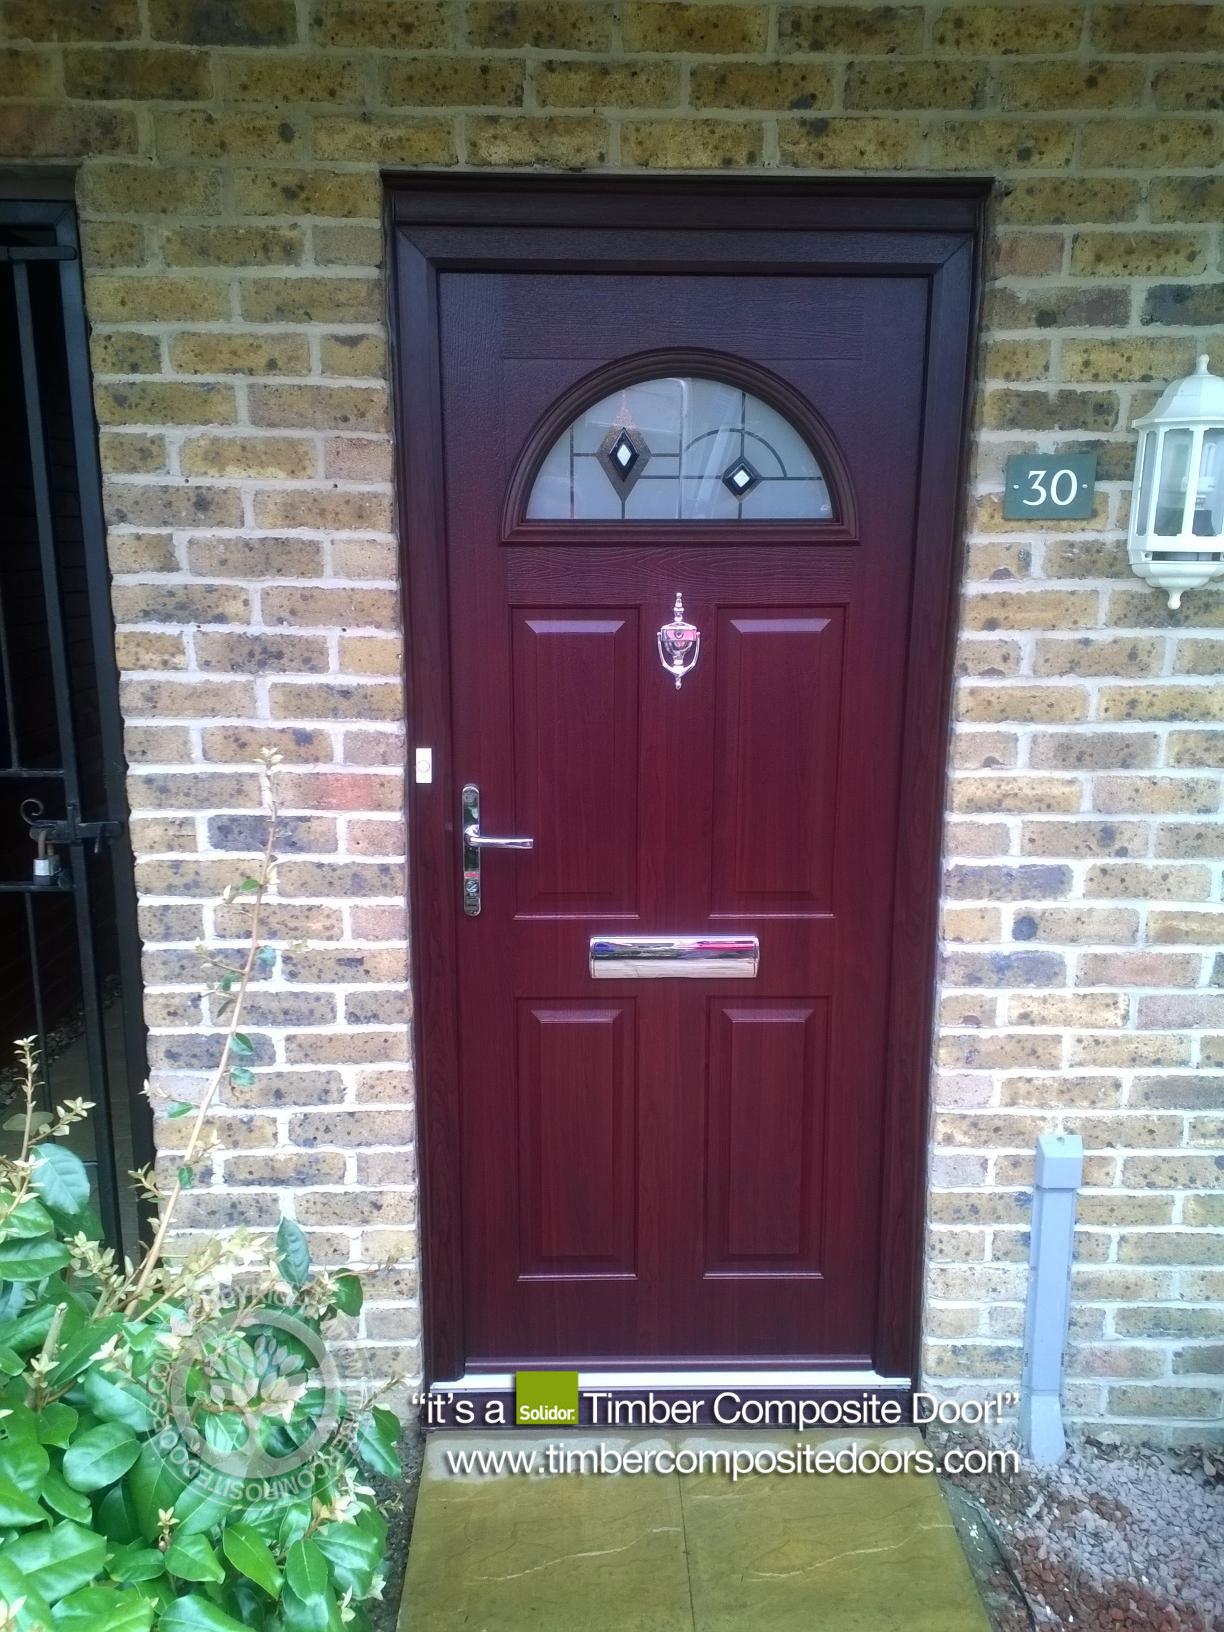 rosewood-Conway-Solidor-Timber-Composite-Door